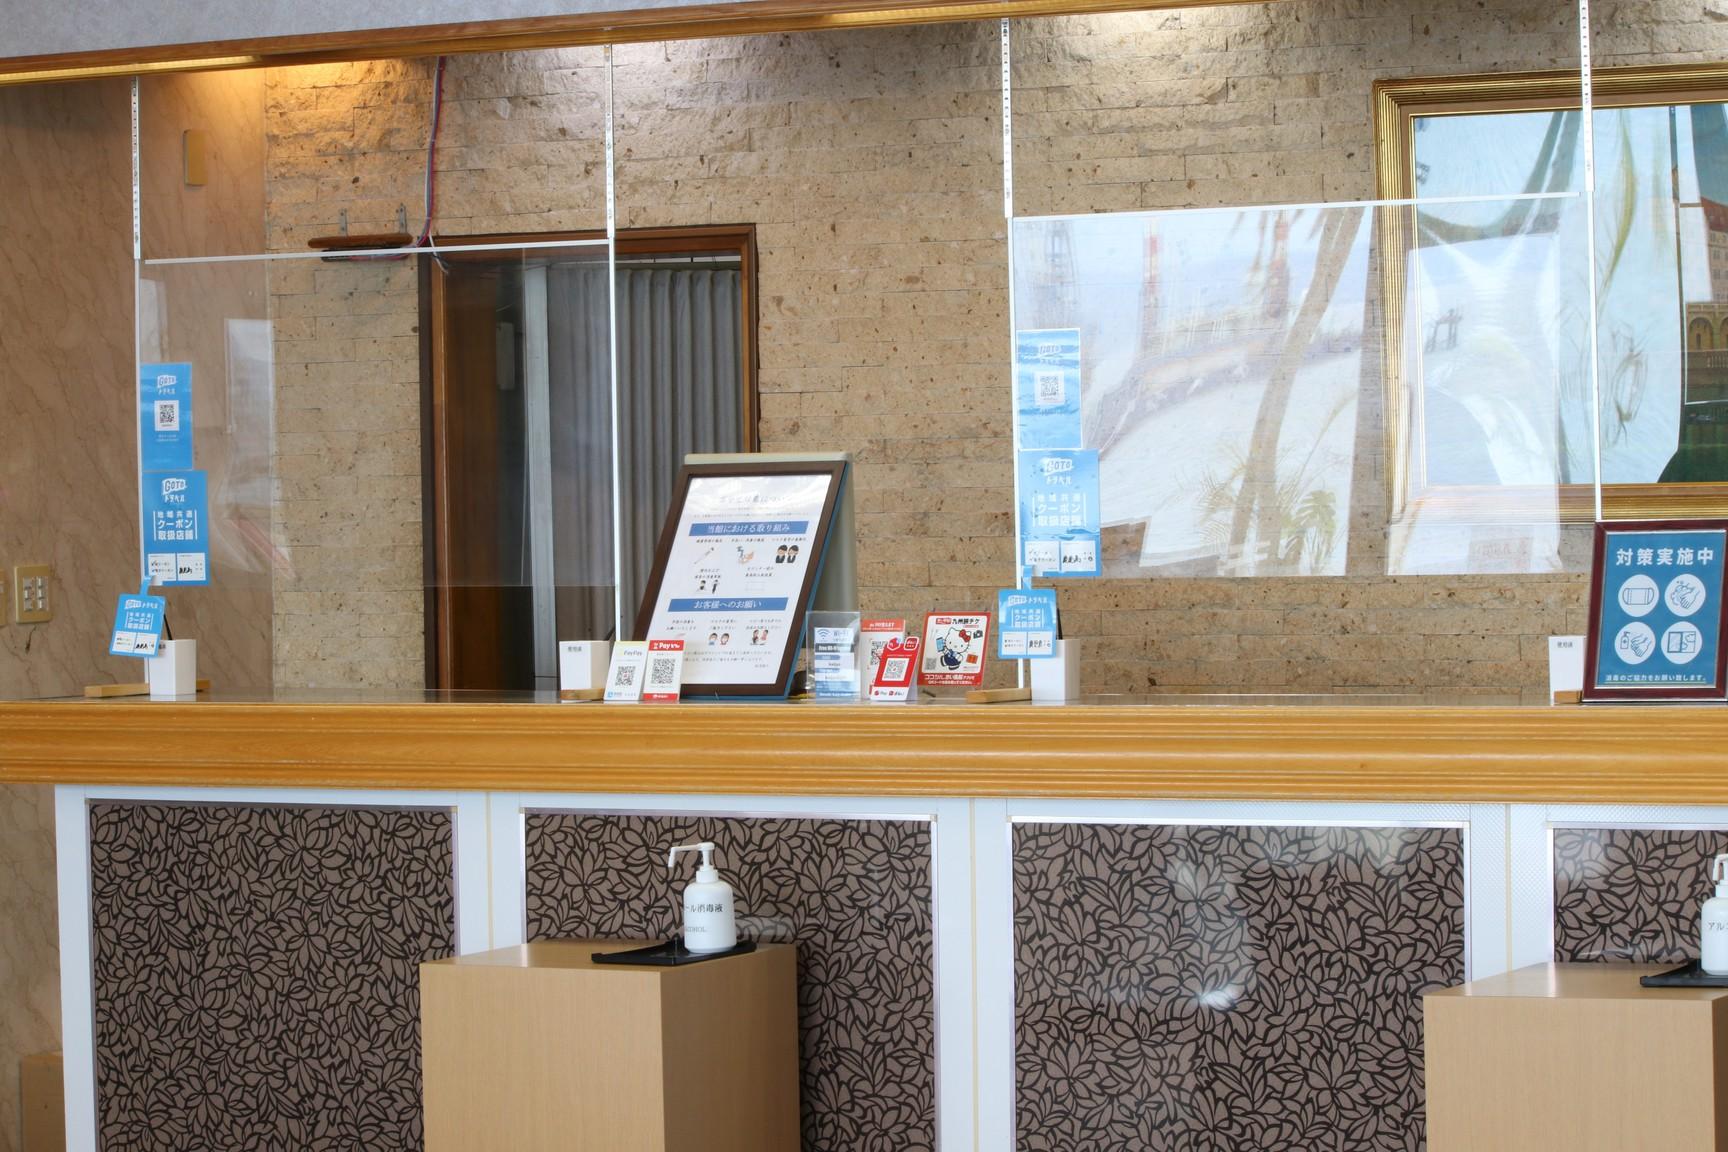 フロントには飛沫感染防止のためのアクリル板を設置しております。